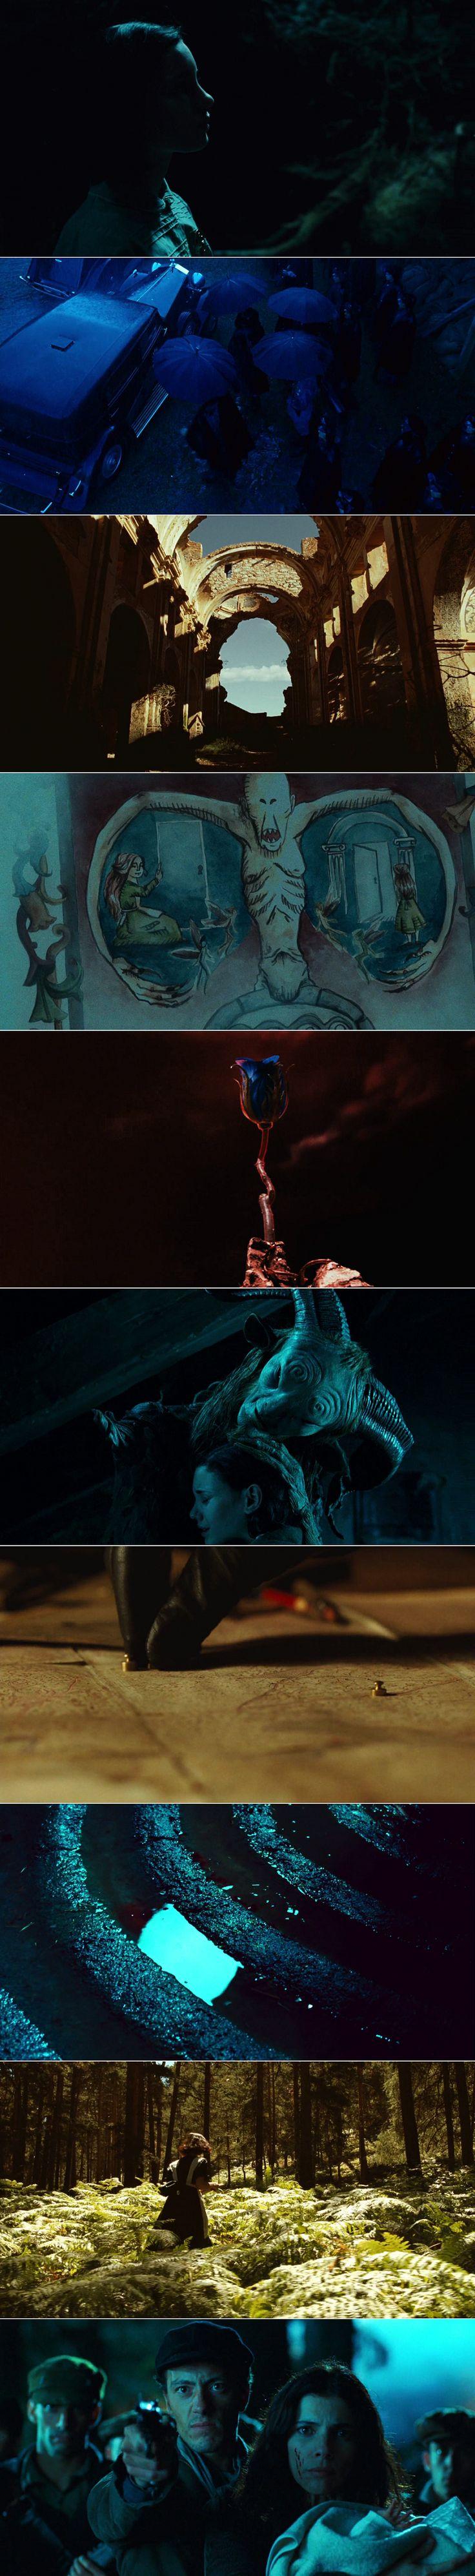 El laberinto del fauno (2006) dir. Guillermo del Toro